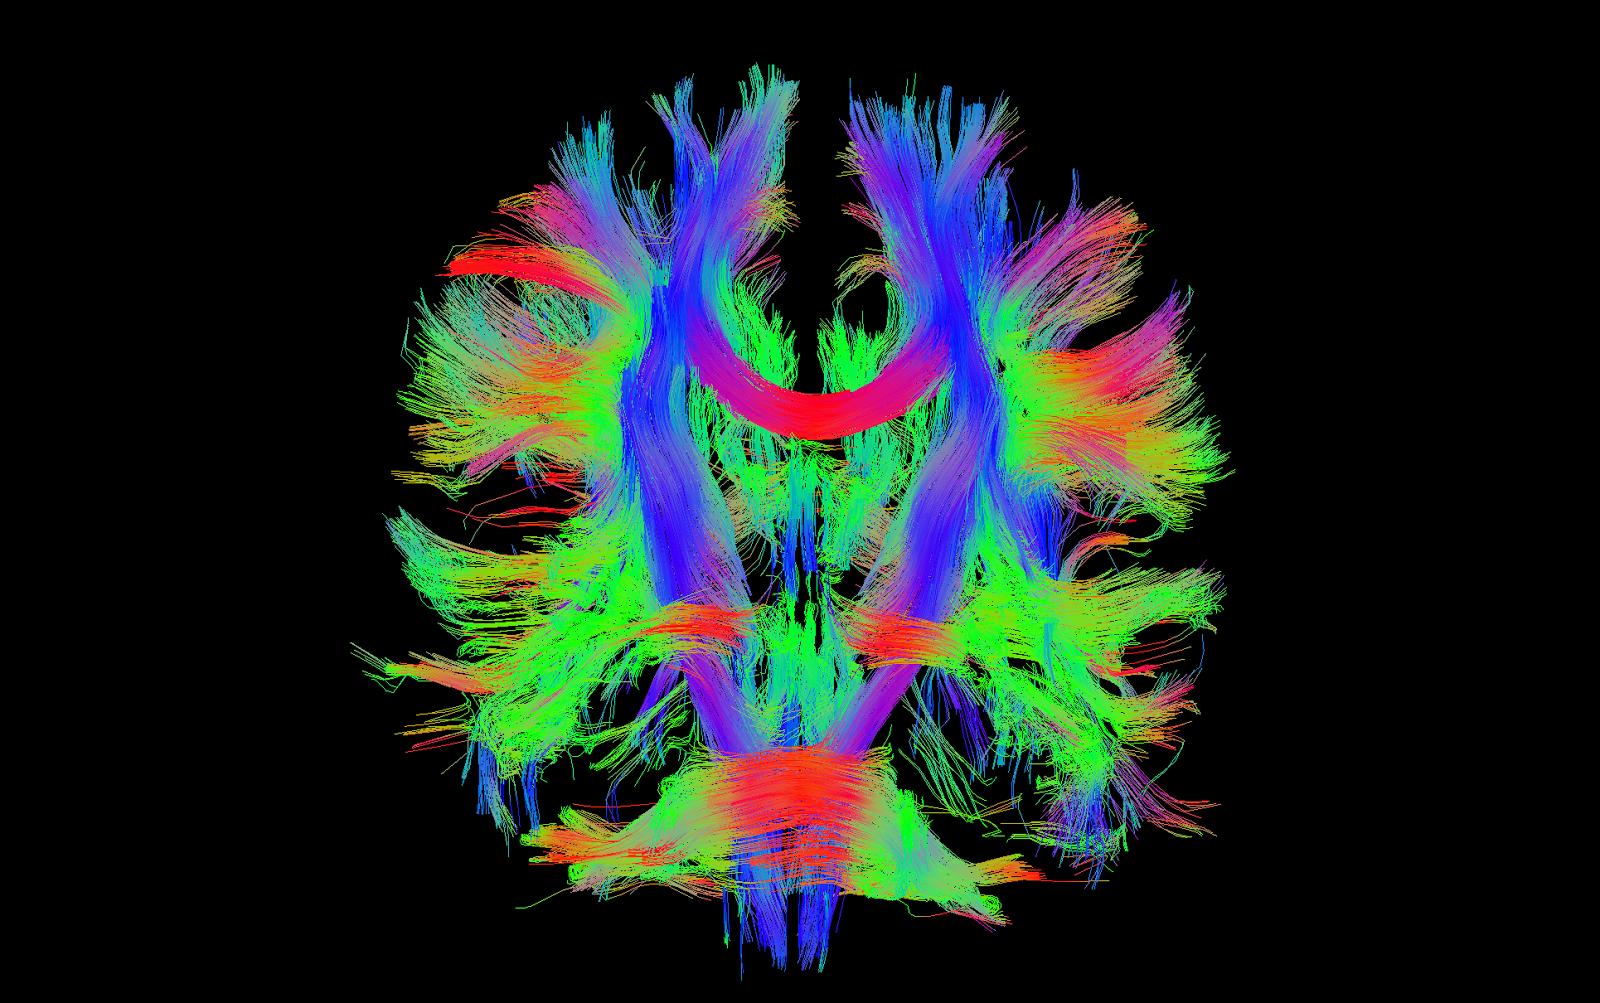 White Matter Brain of a Brain 39 s White Matter